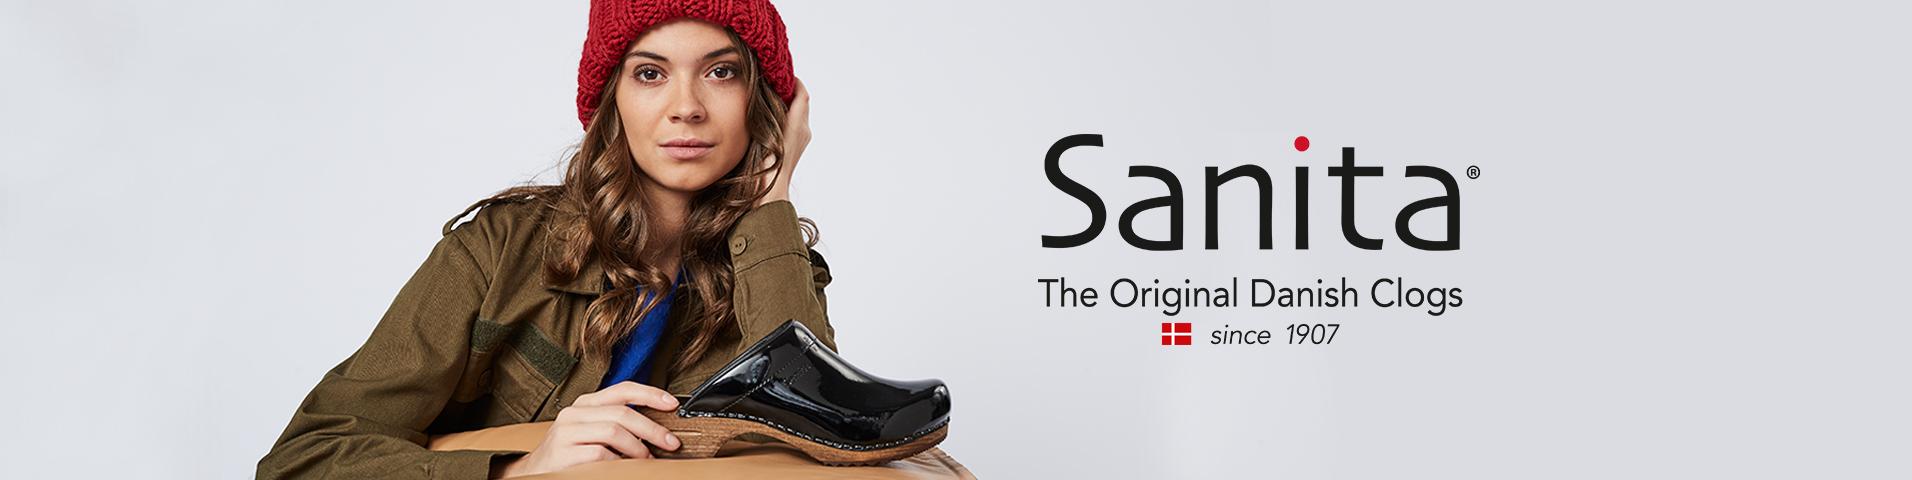 Scarpe donna Sanita rosso | Grande assortimento di calzature